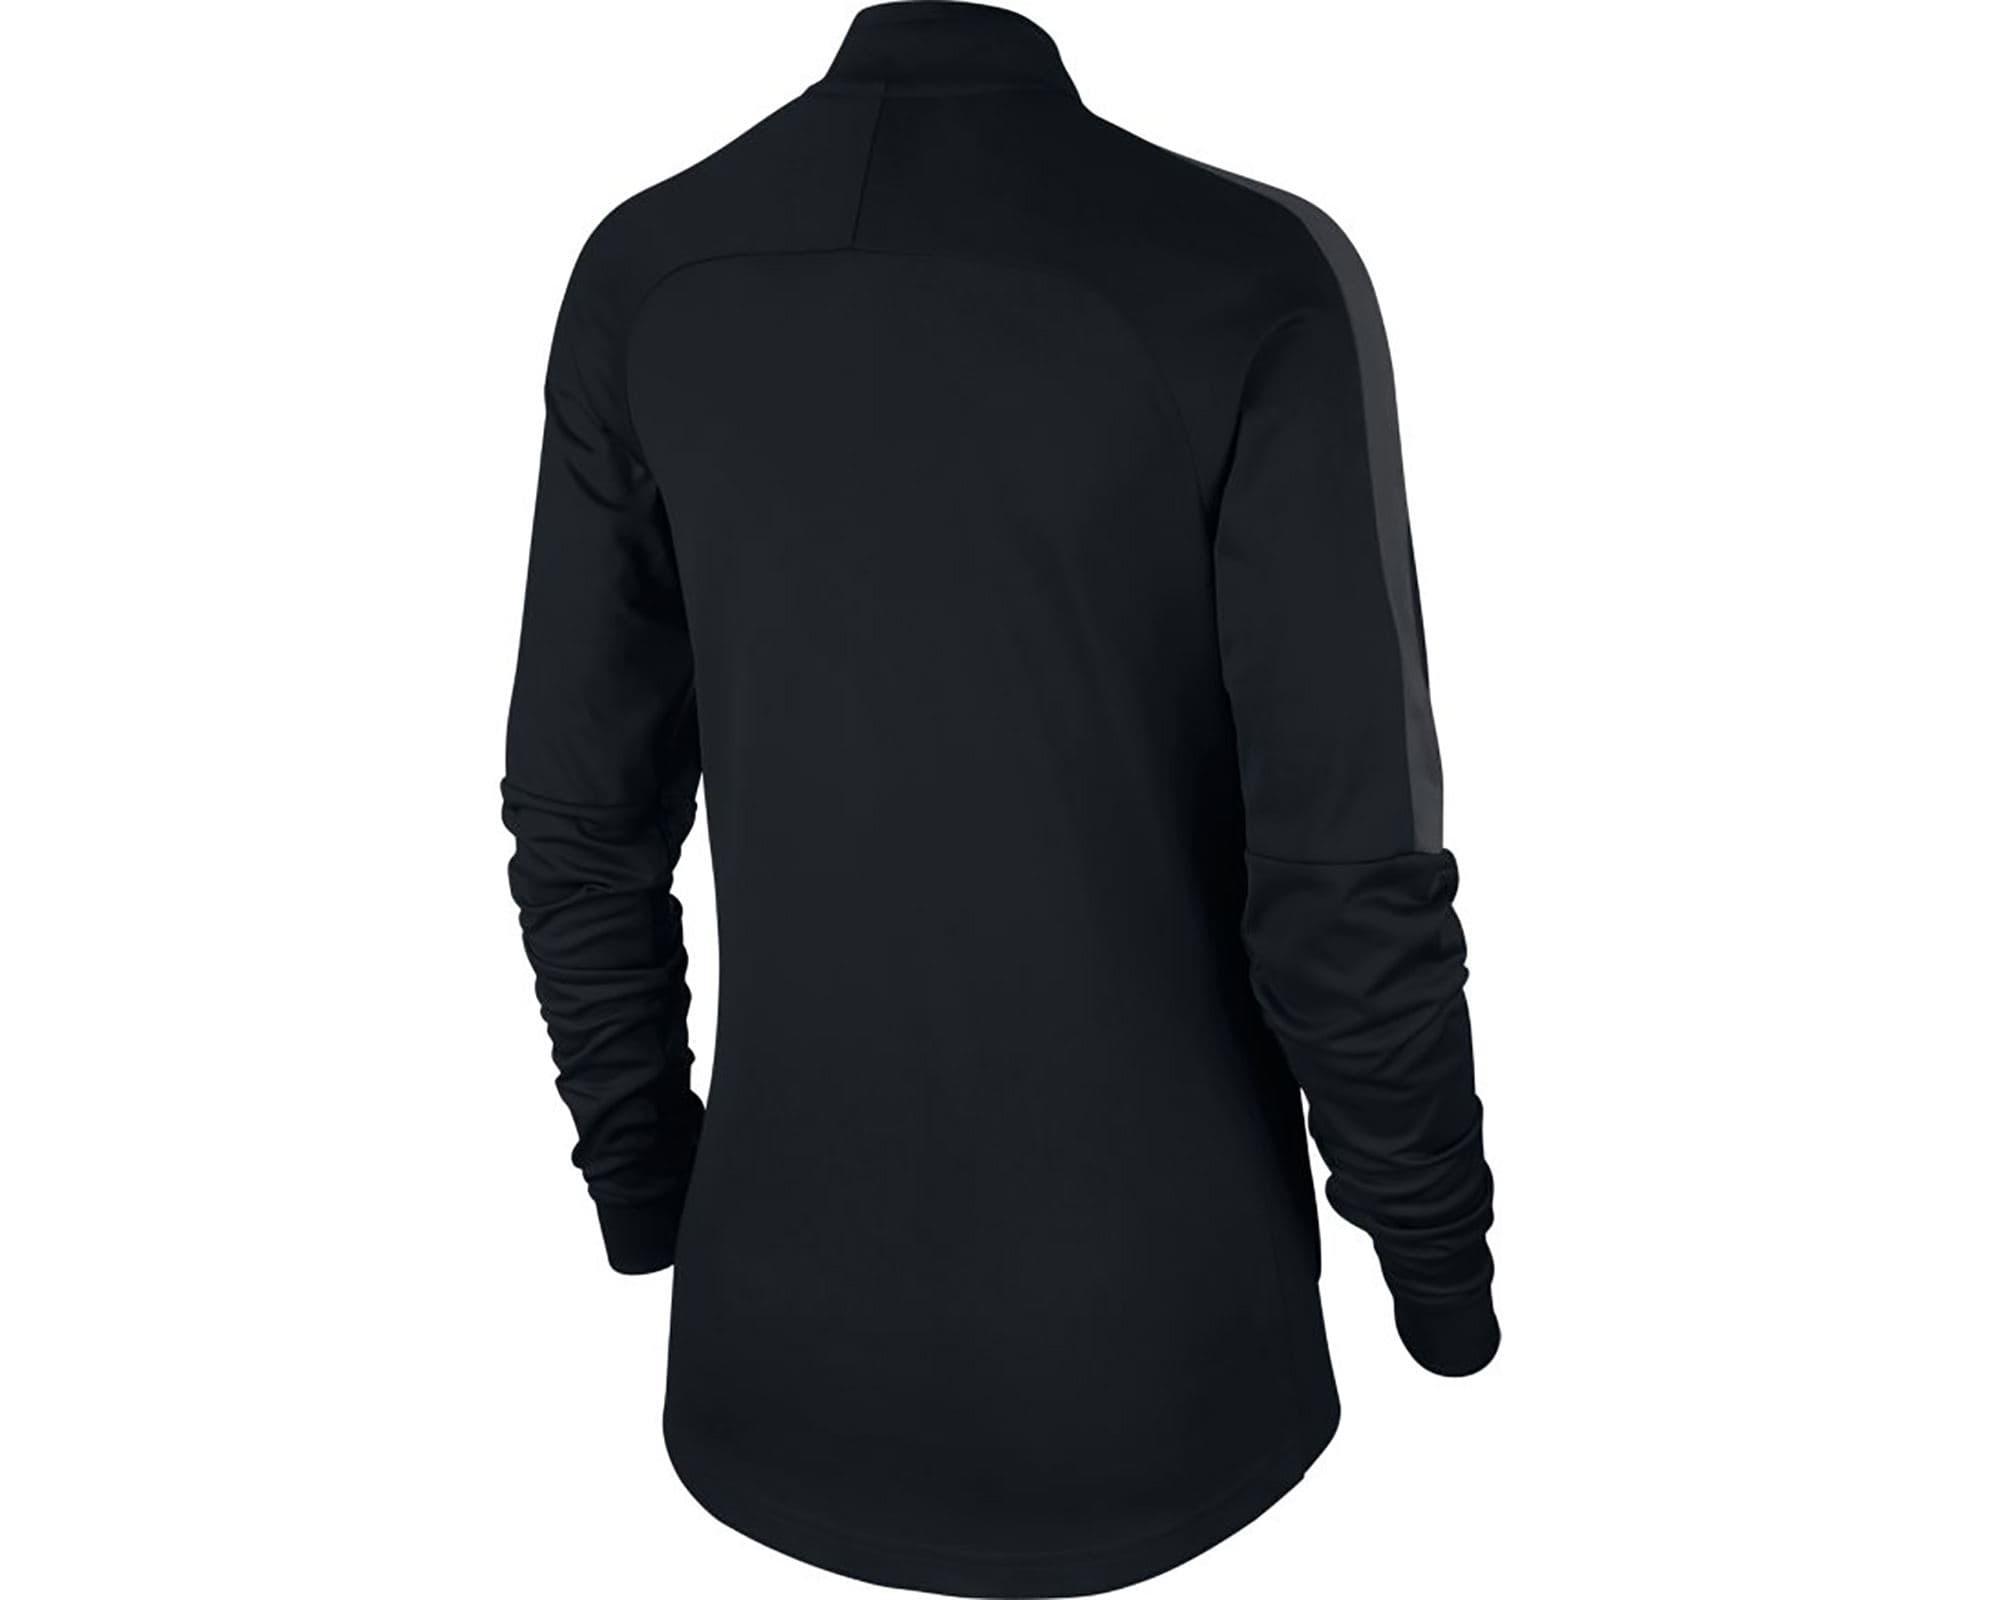 Dry Academy 18 Kadın Siyah Spor Ceket (893767-010)